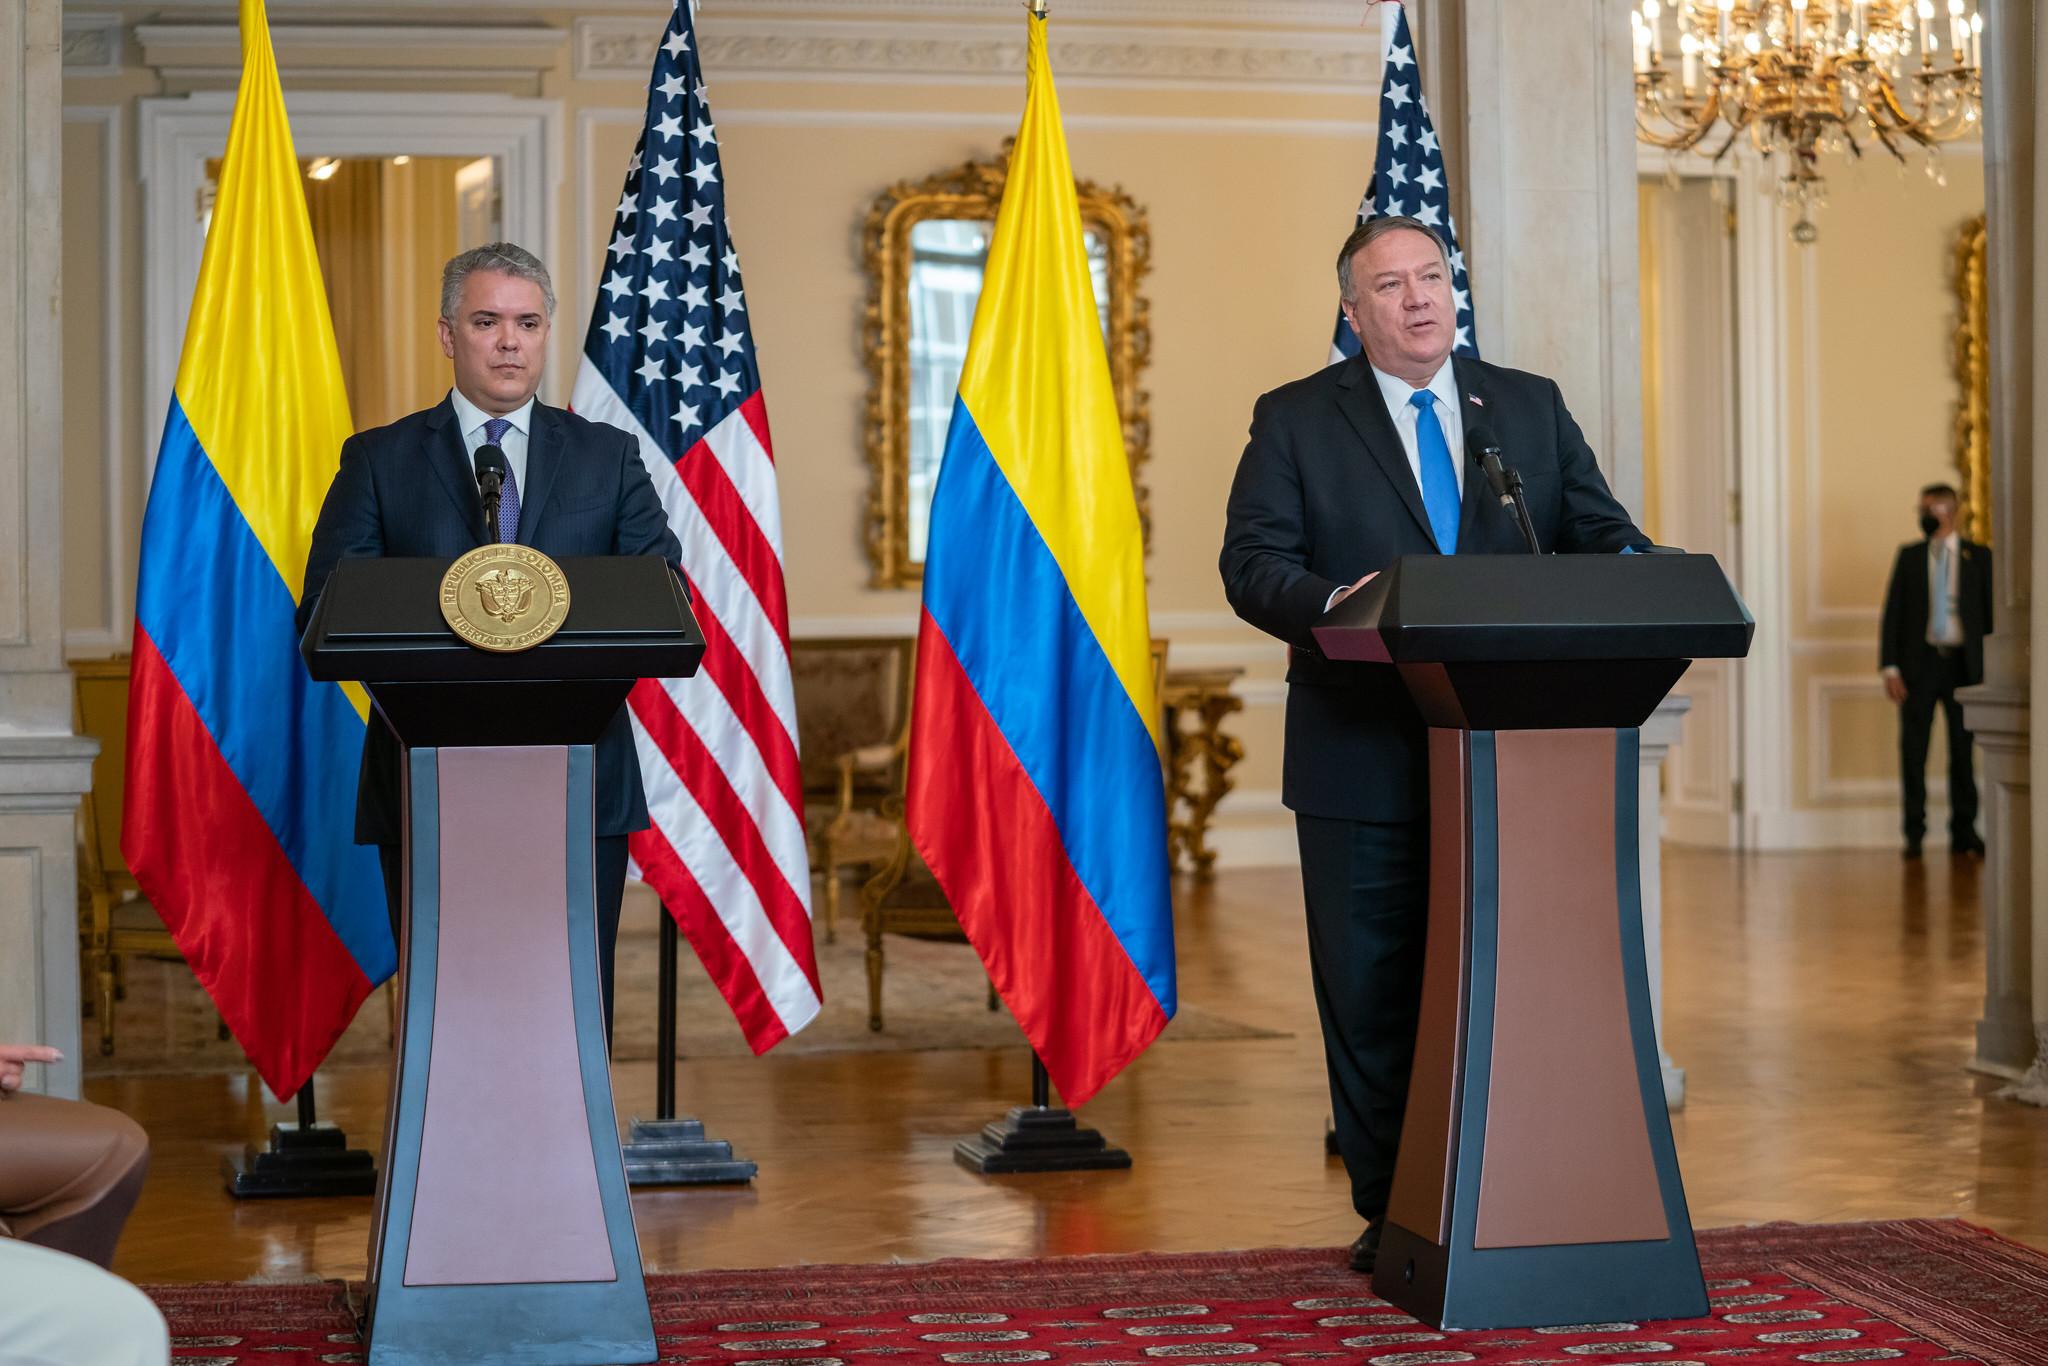 Pompeo visitó Colombia, Surinam, Guyana y Brasil / Foto: Departamento de Estado